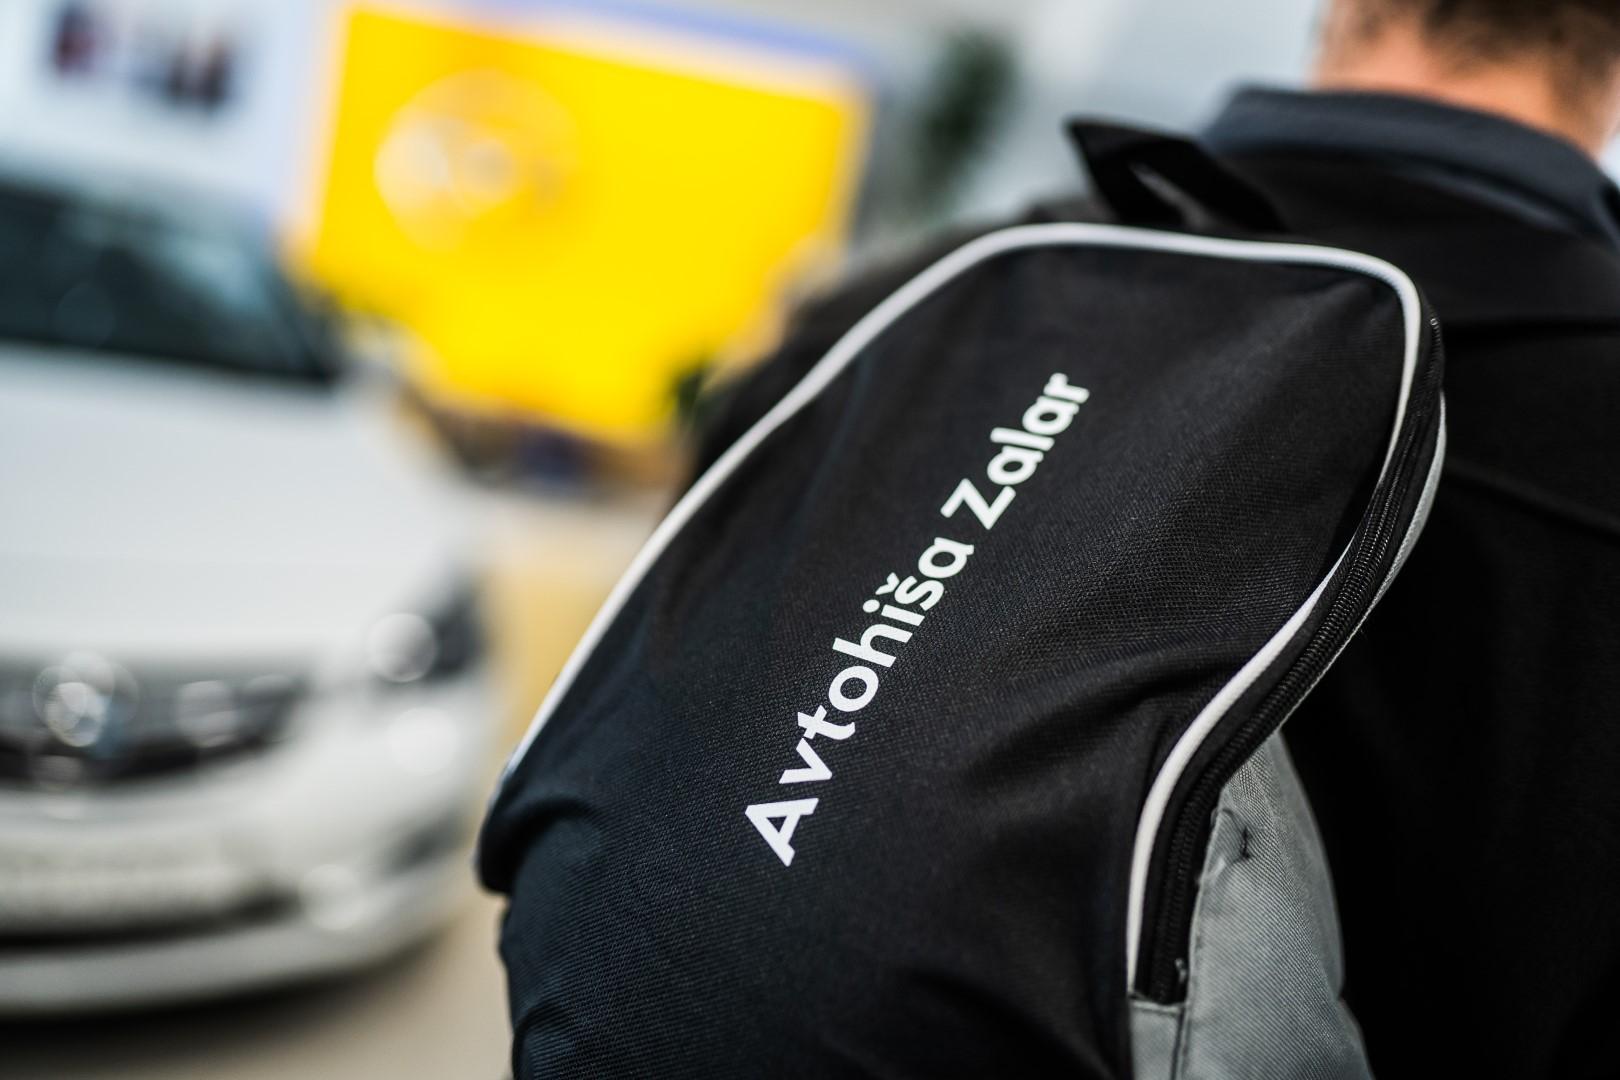 avtohisa-zalar-nakup-prodaja-vozil-astra-insignia-zavarovanje-servis (7)